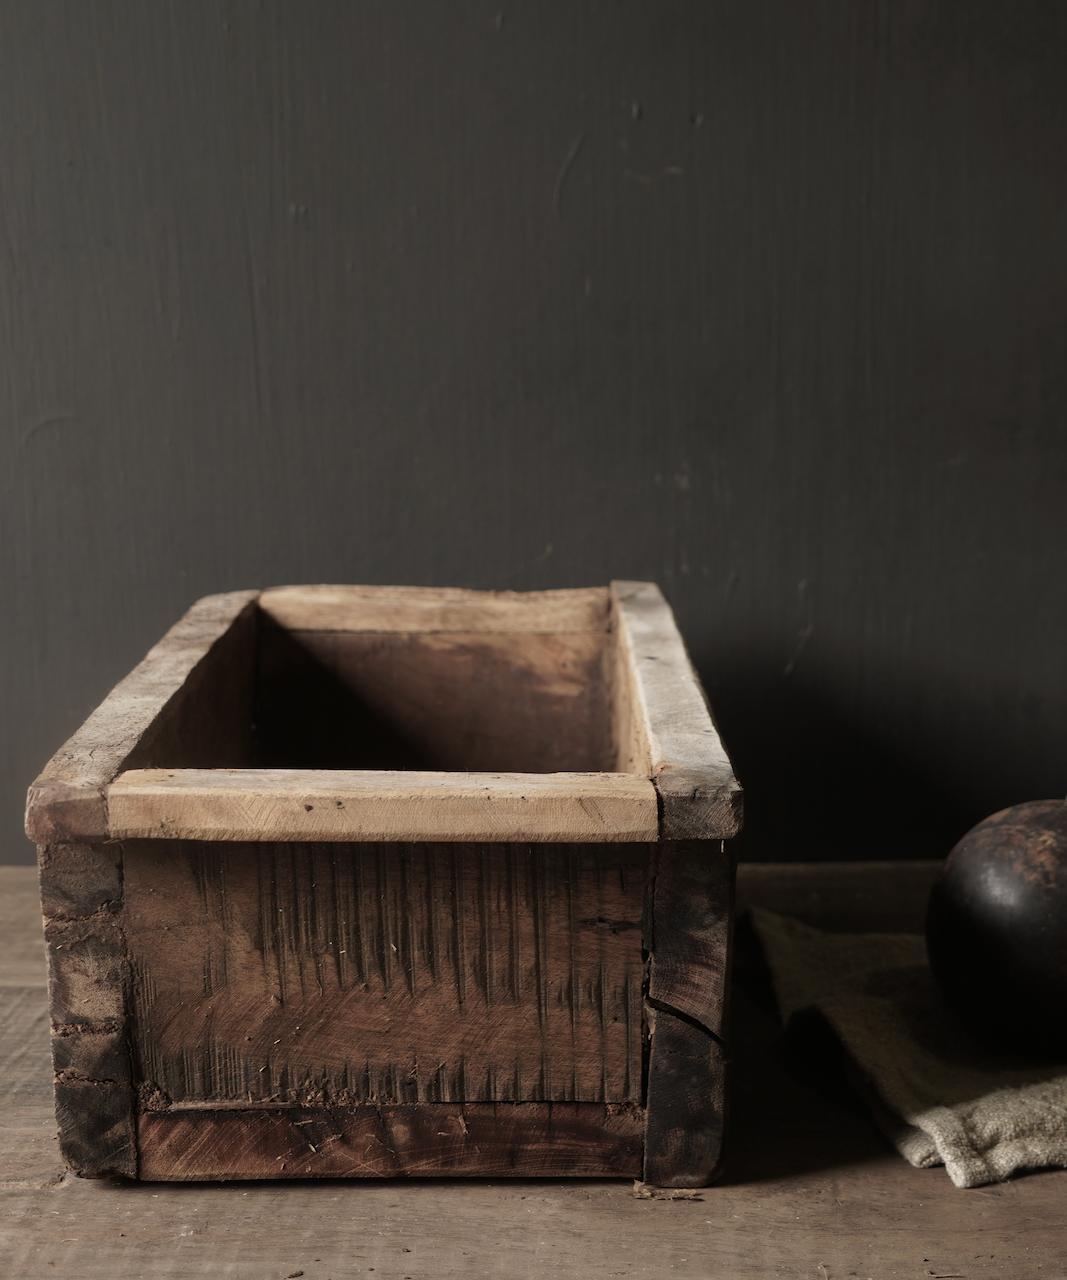 houten bak gemaakt van oud hout-3